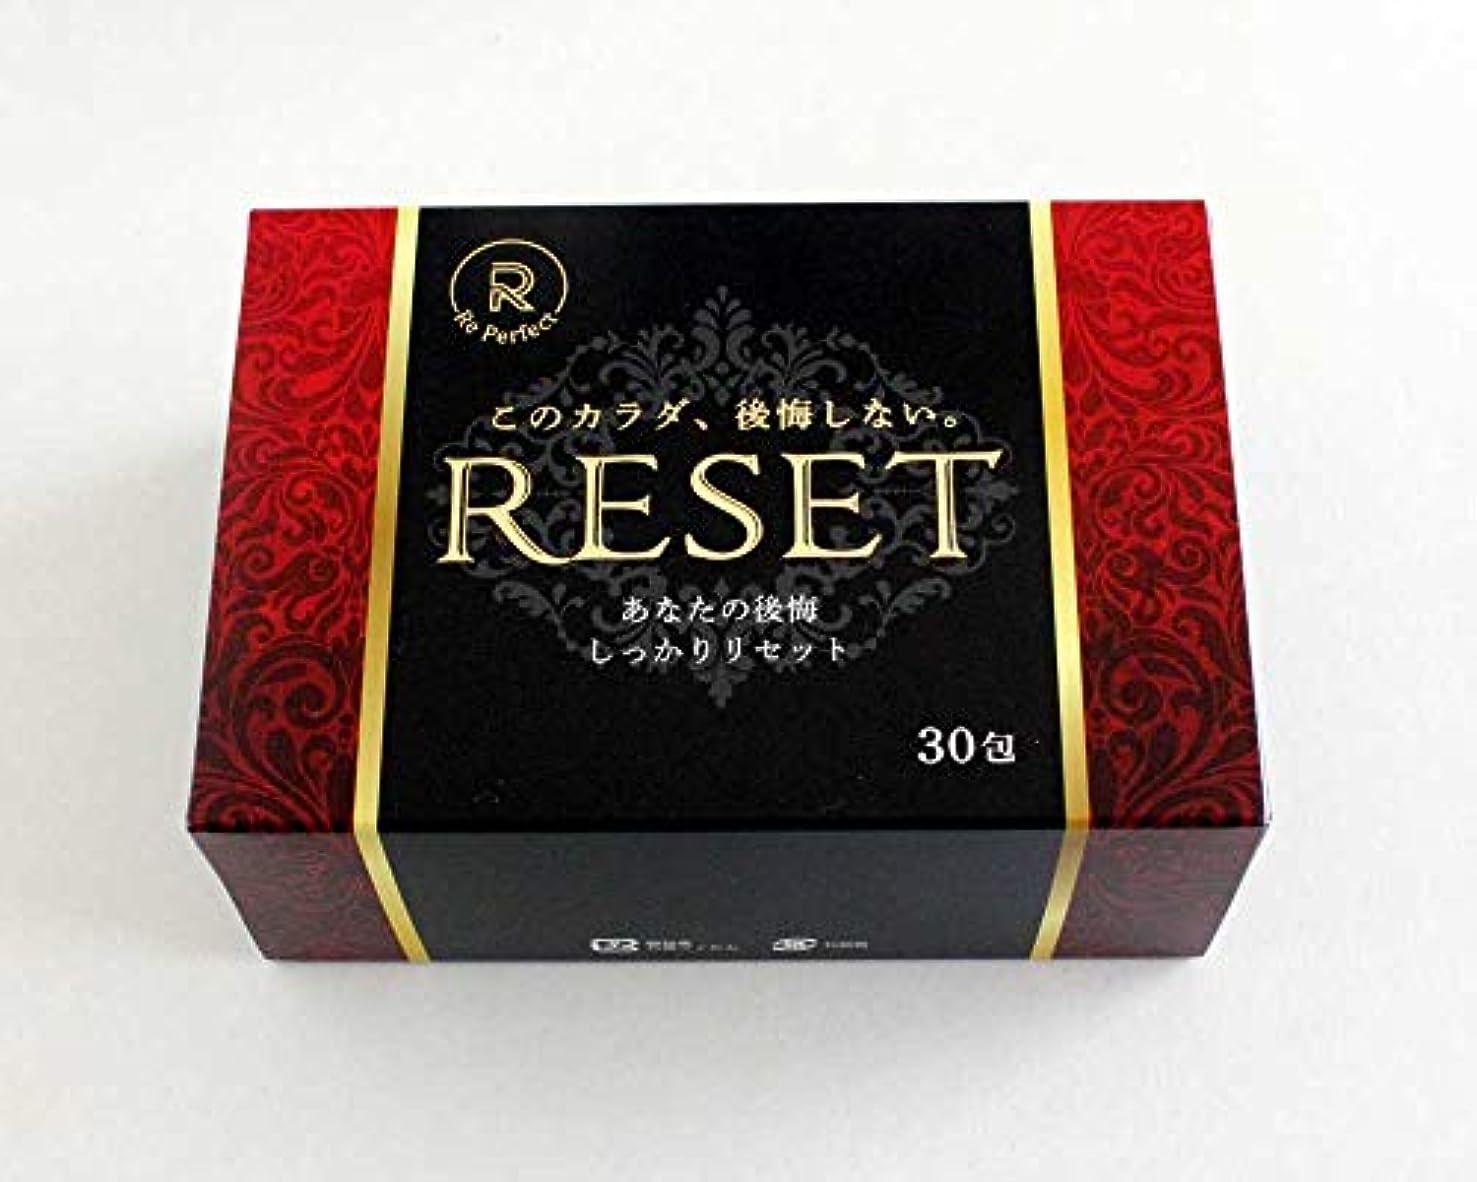 撃退する付与寛容なRESET(リセット)食べ過ぎた食事&アルコールの代謝?分解をサポートサプリ